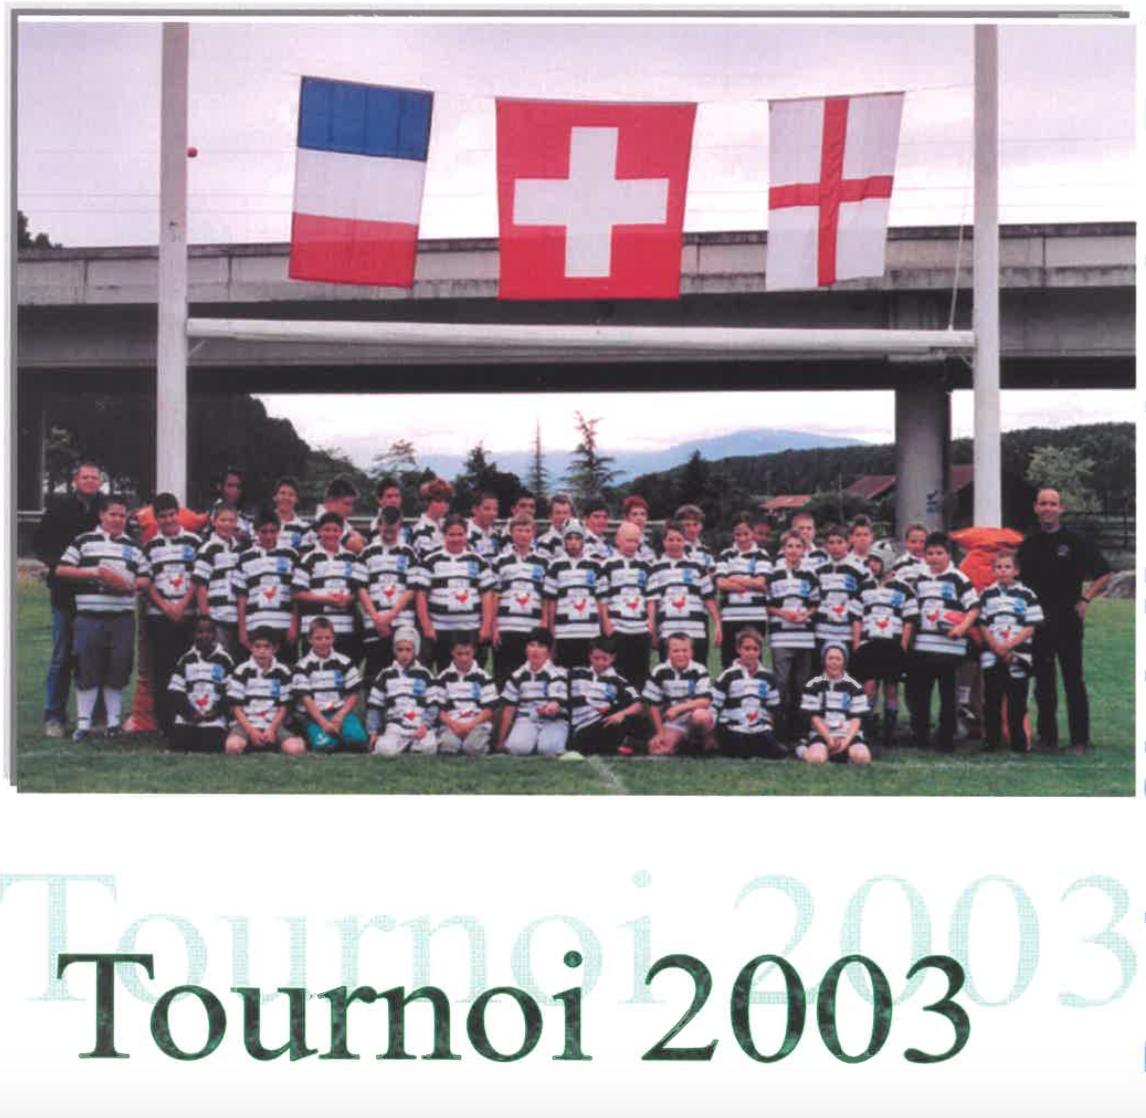 2003 Tournoi